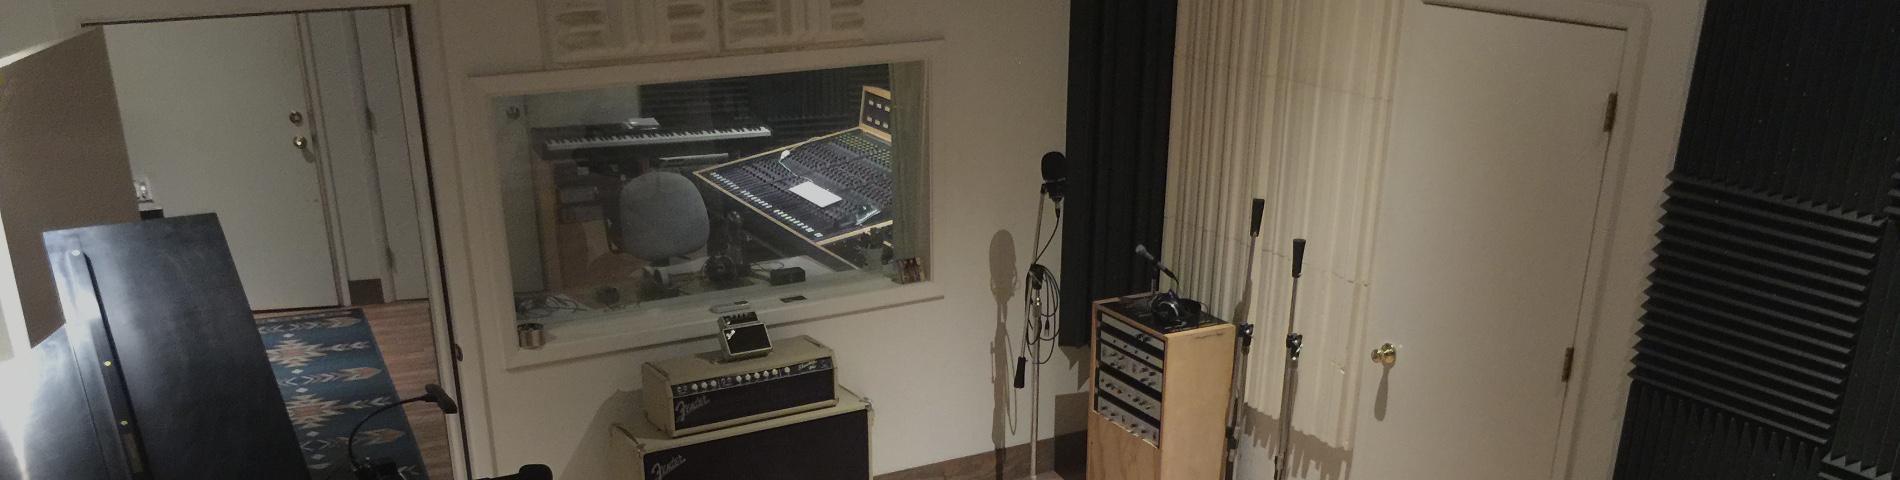 Studio_slider_more_dk_window